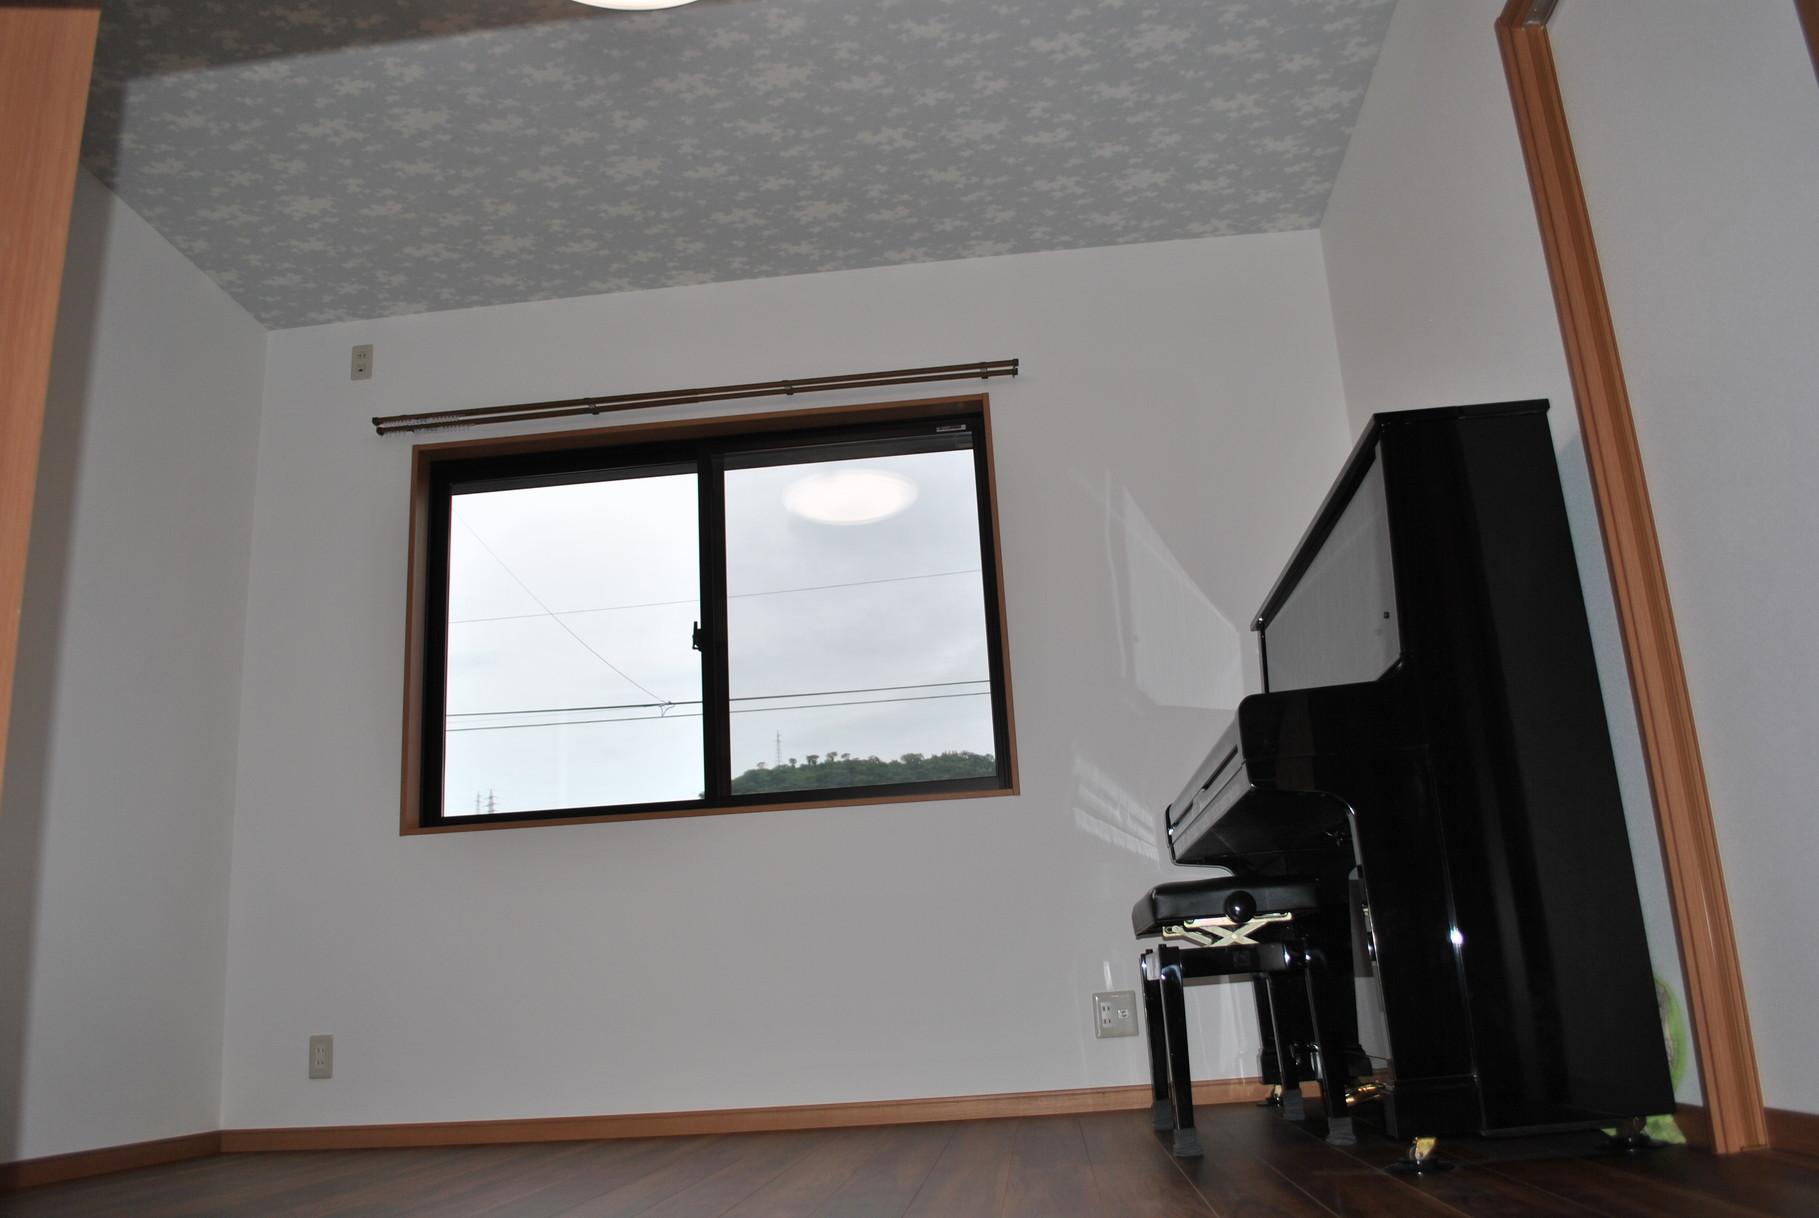 ピアノが似合う洋室に!掃出し窓を中連の複層断熱窓に変更